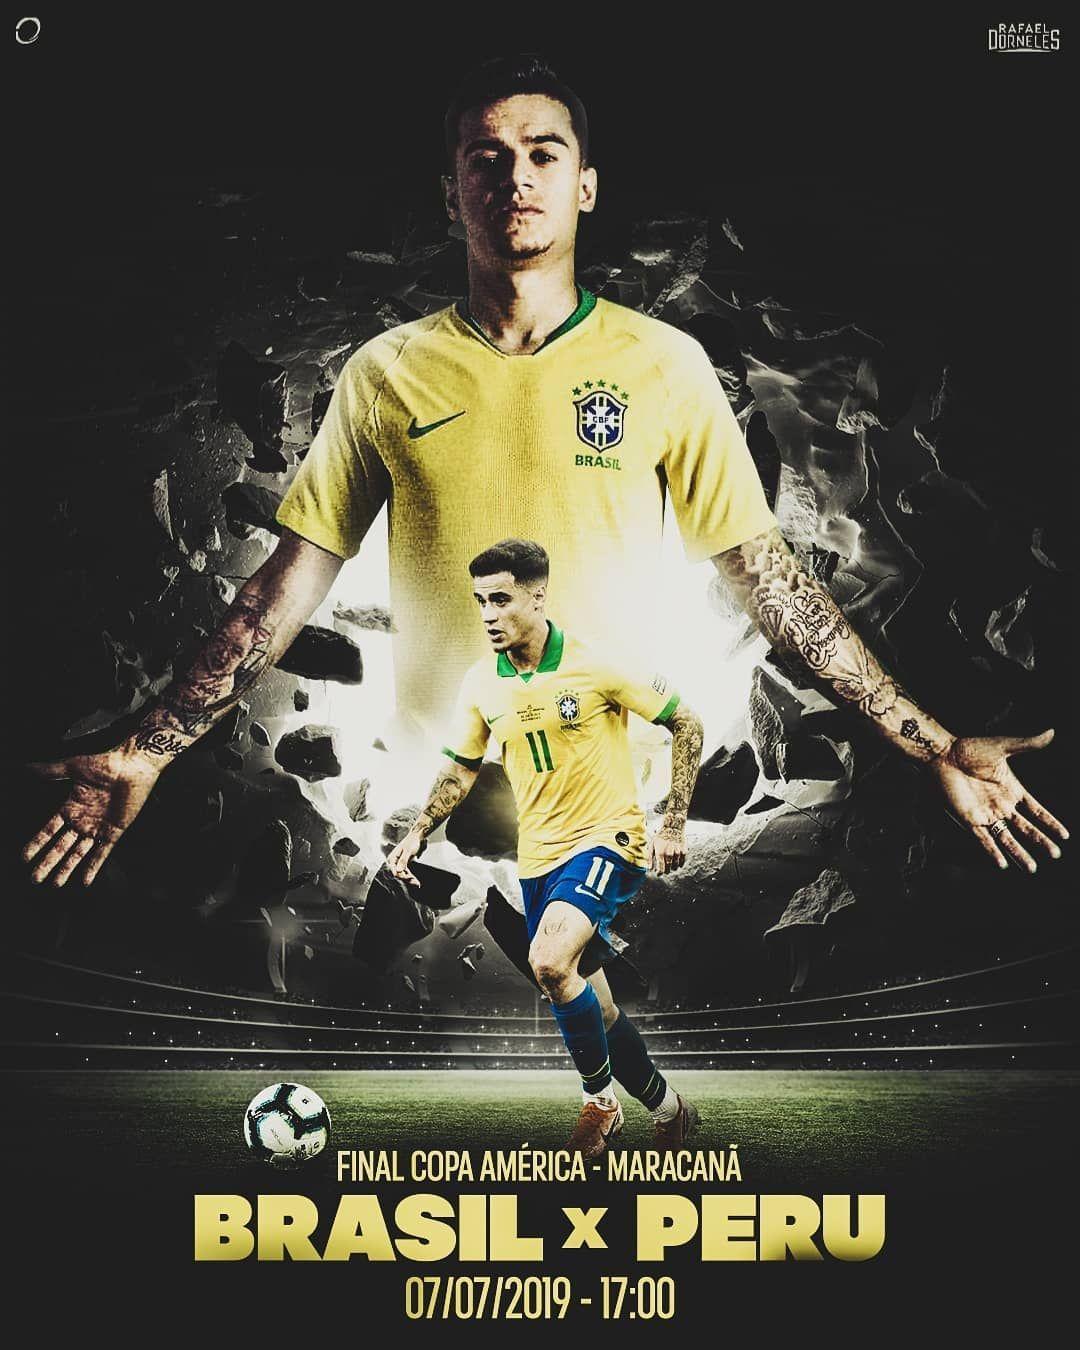 Seleção Brasileira Phillippe Coutinho Cartaz De Futebol Marketing Esportivo Esportes